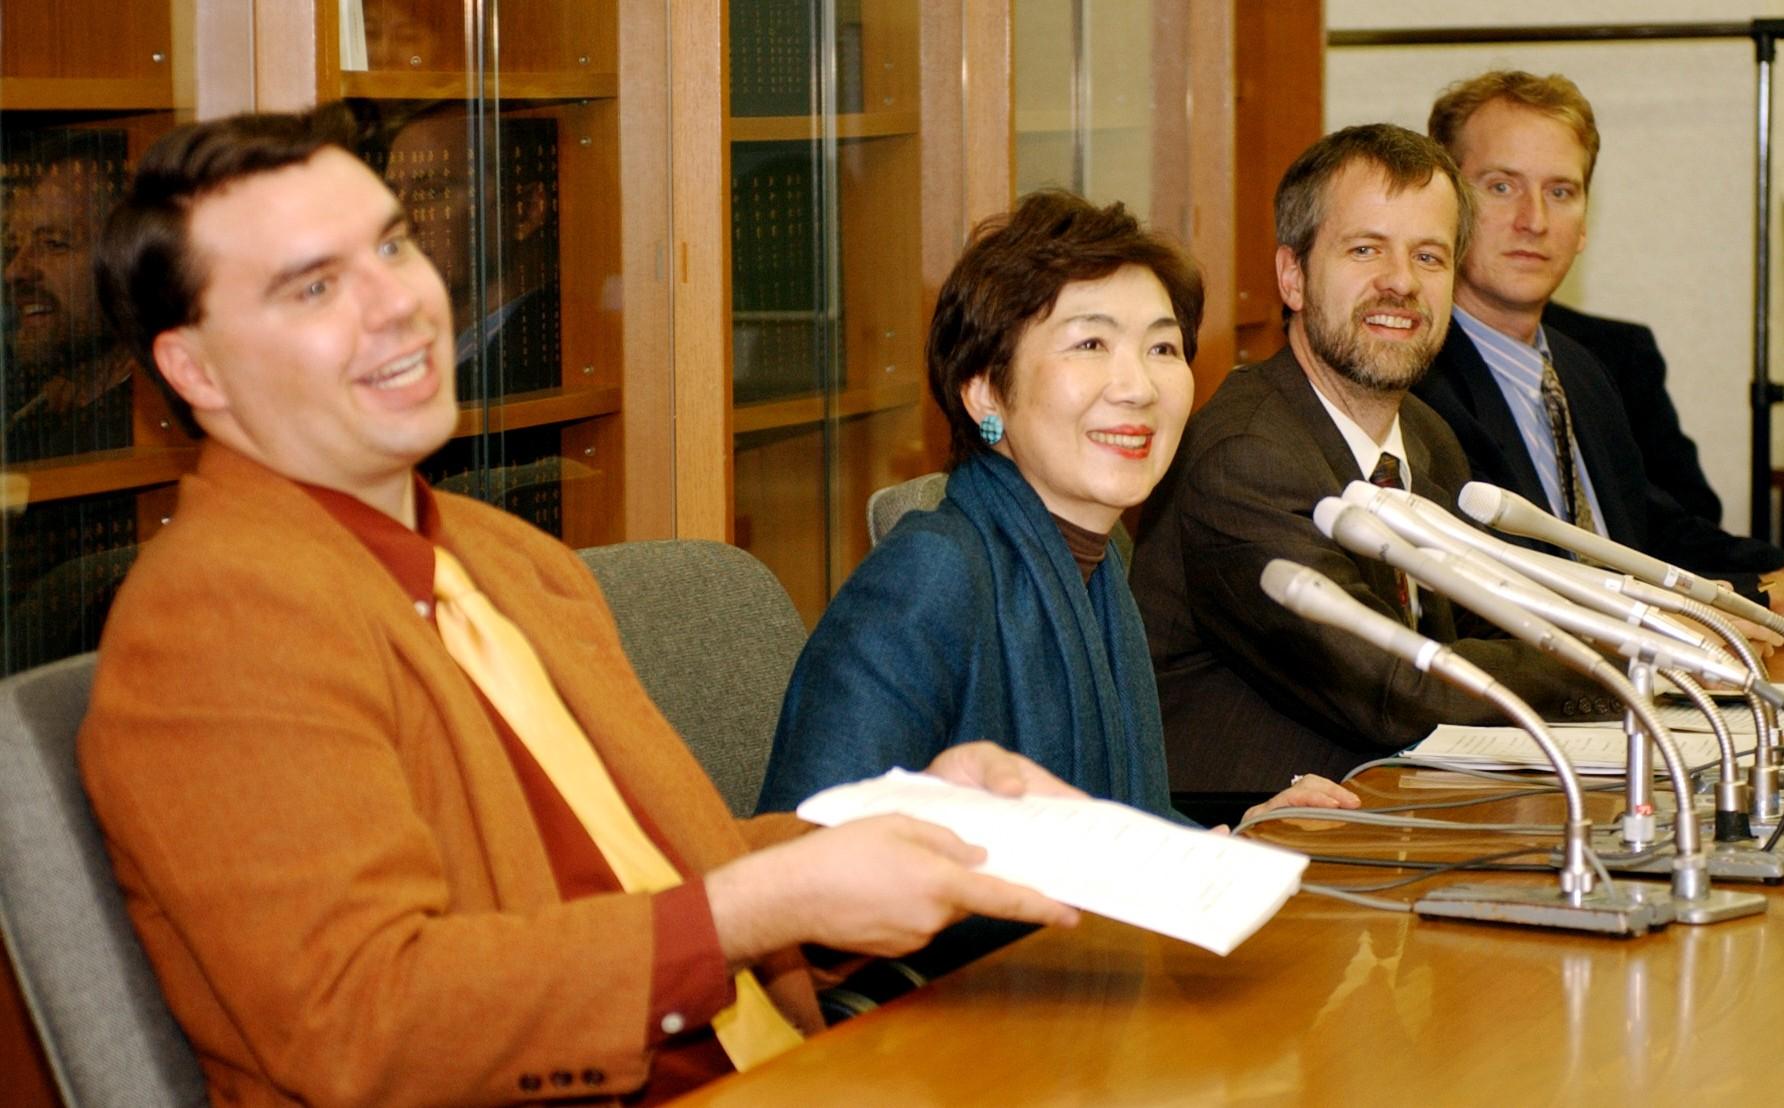 小樽市の外国人入浴拒否問題で判決後、記者会見する有道出人さん(左端)ら原告=2002年11月、札幌市中央区